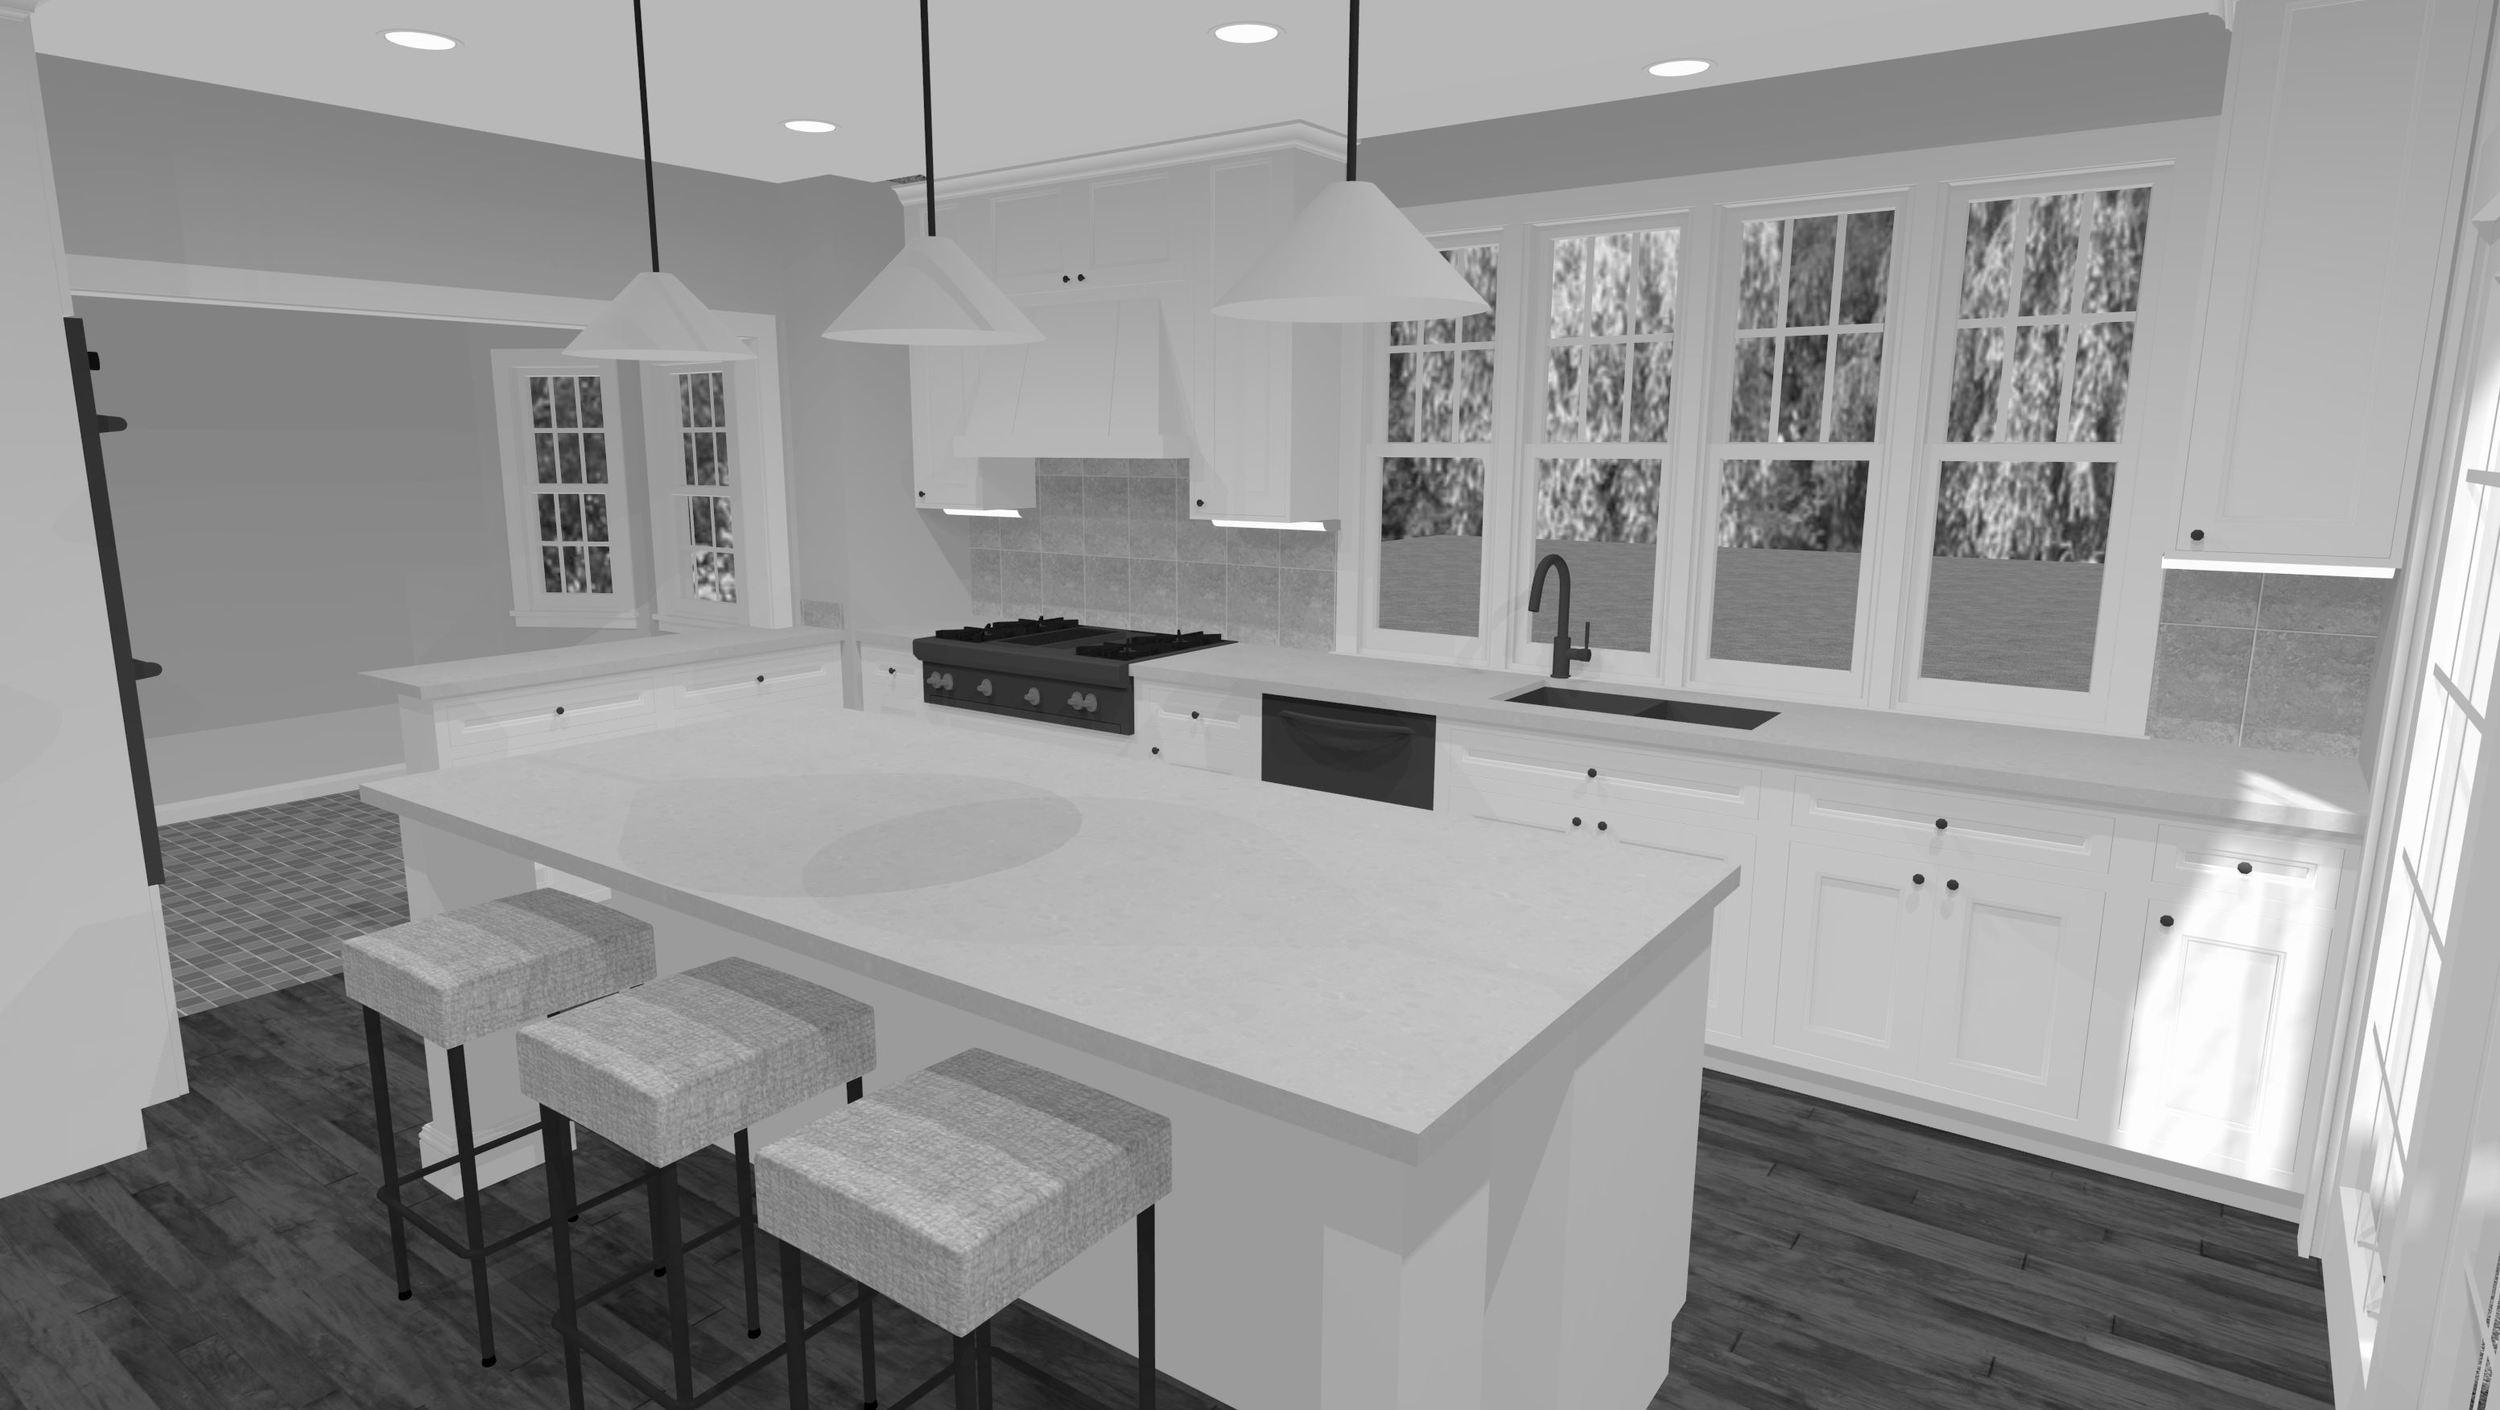 Kitchen - Rendering 2